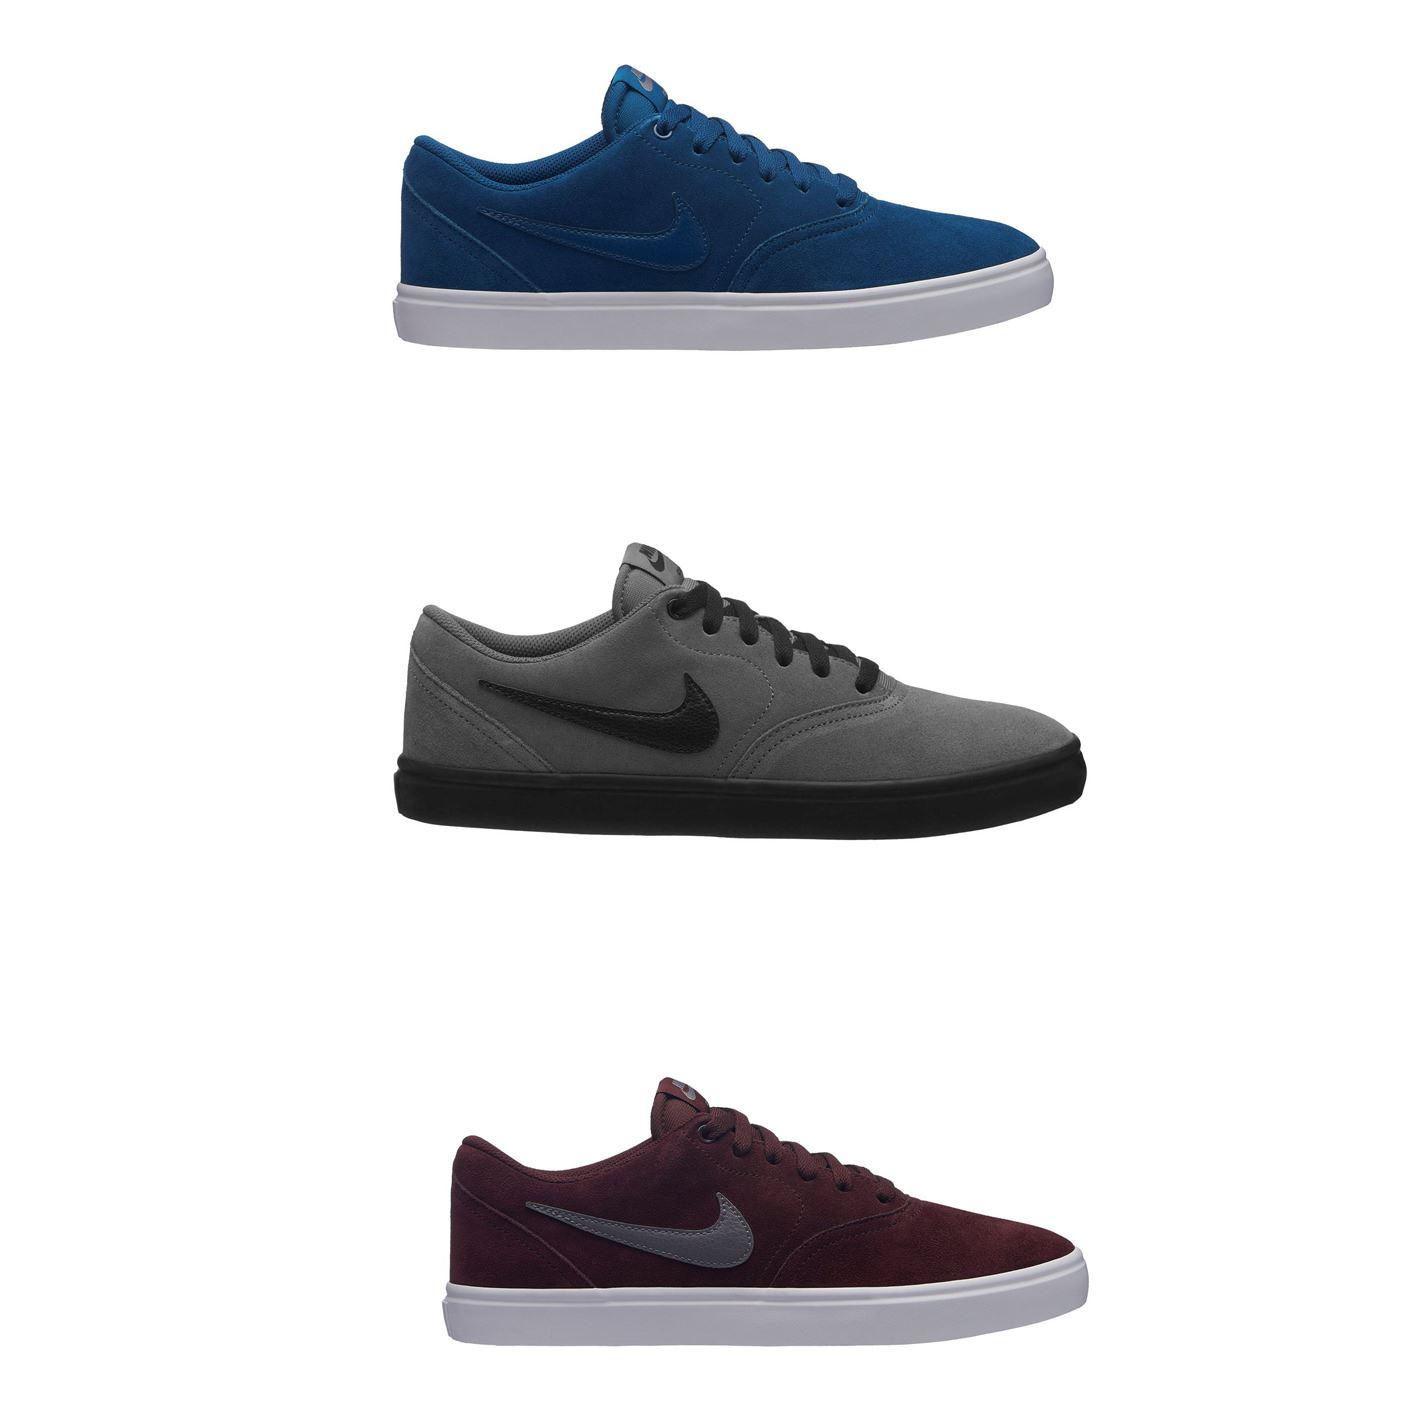 quality design 36084 3bec2 Details about Nike SB Check Solar Mens Skate Shoes Skateboarding Footwear